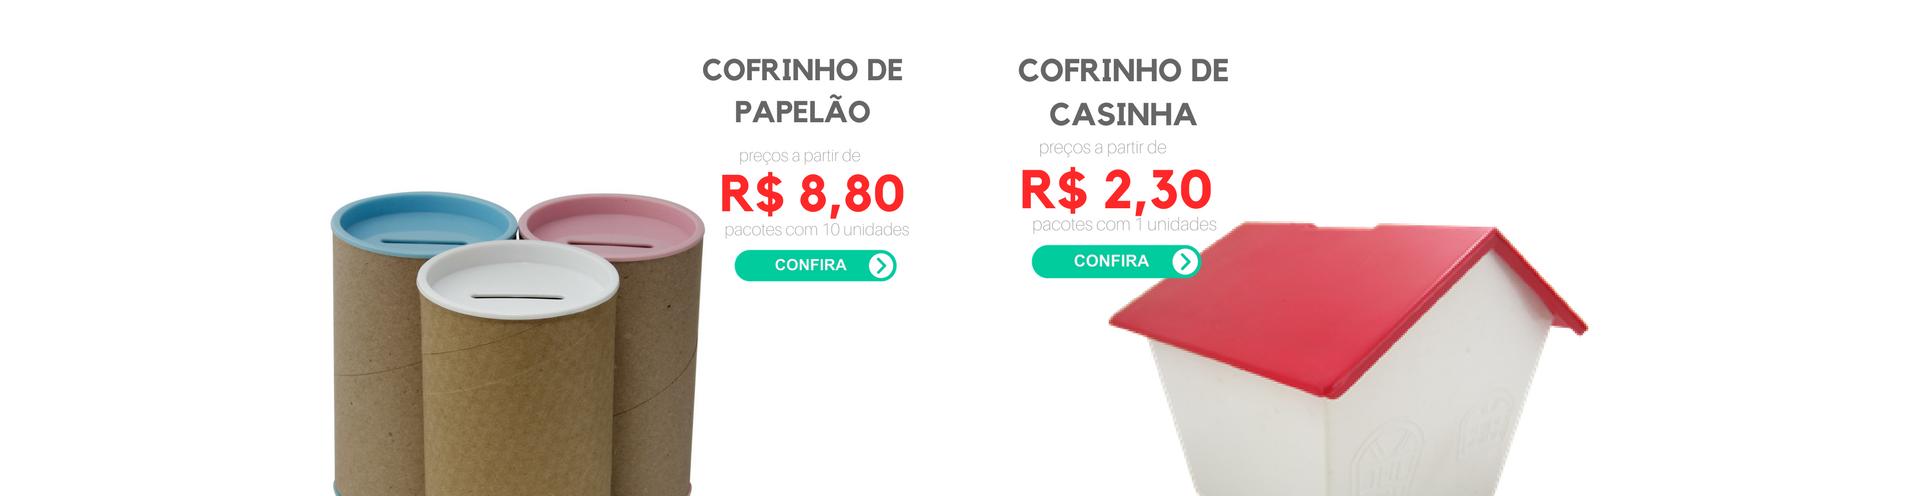 COFRINHO PAPELAO